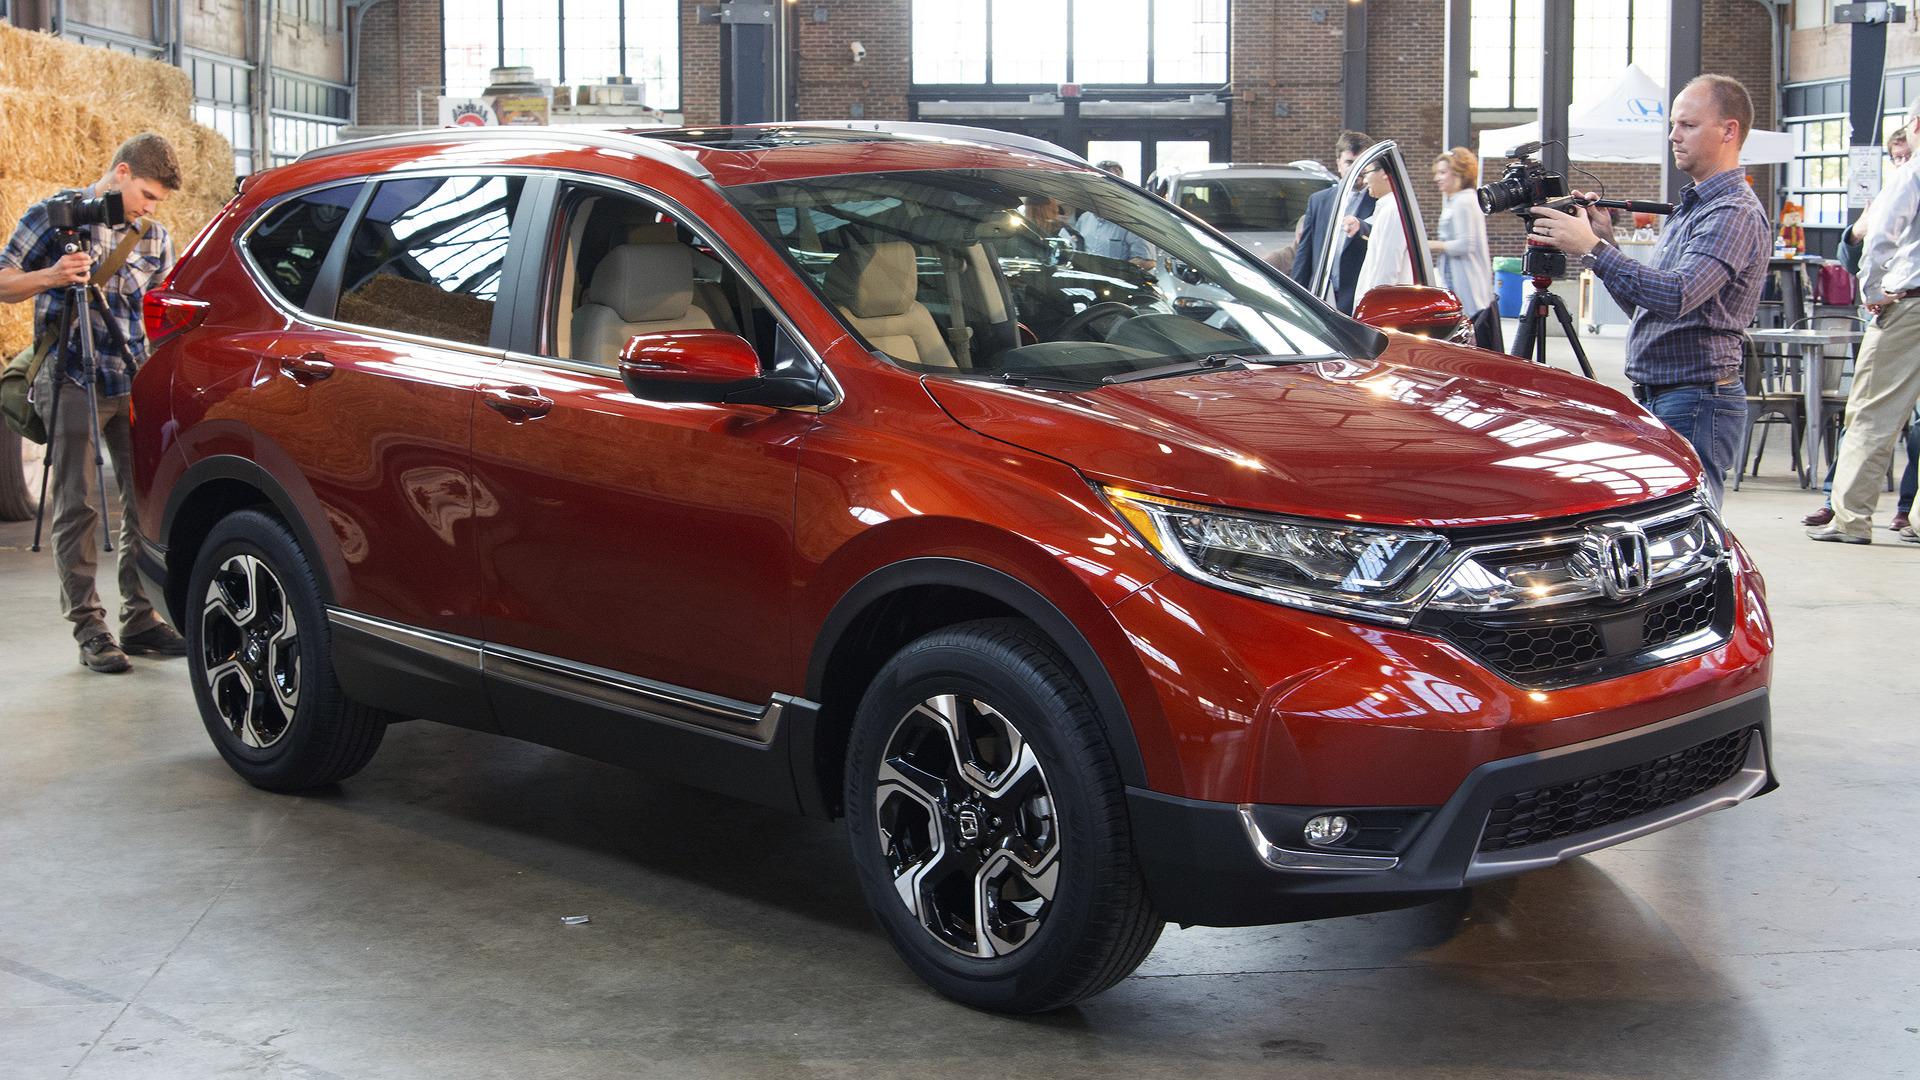 Kekurangan Honda Cr V 2017 Spesifikasi